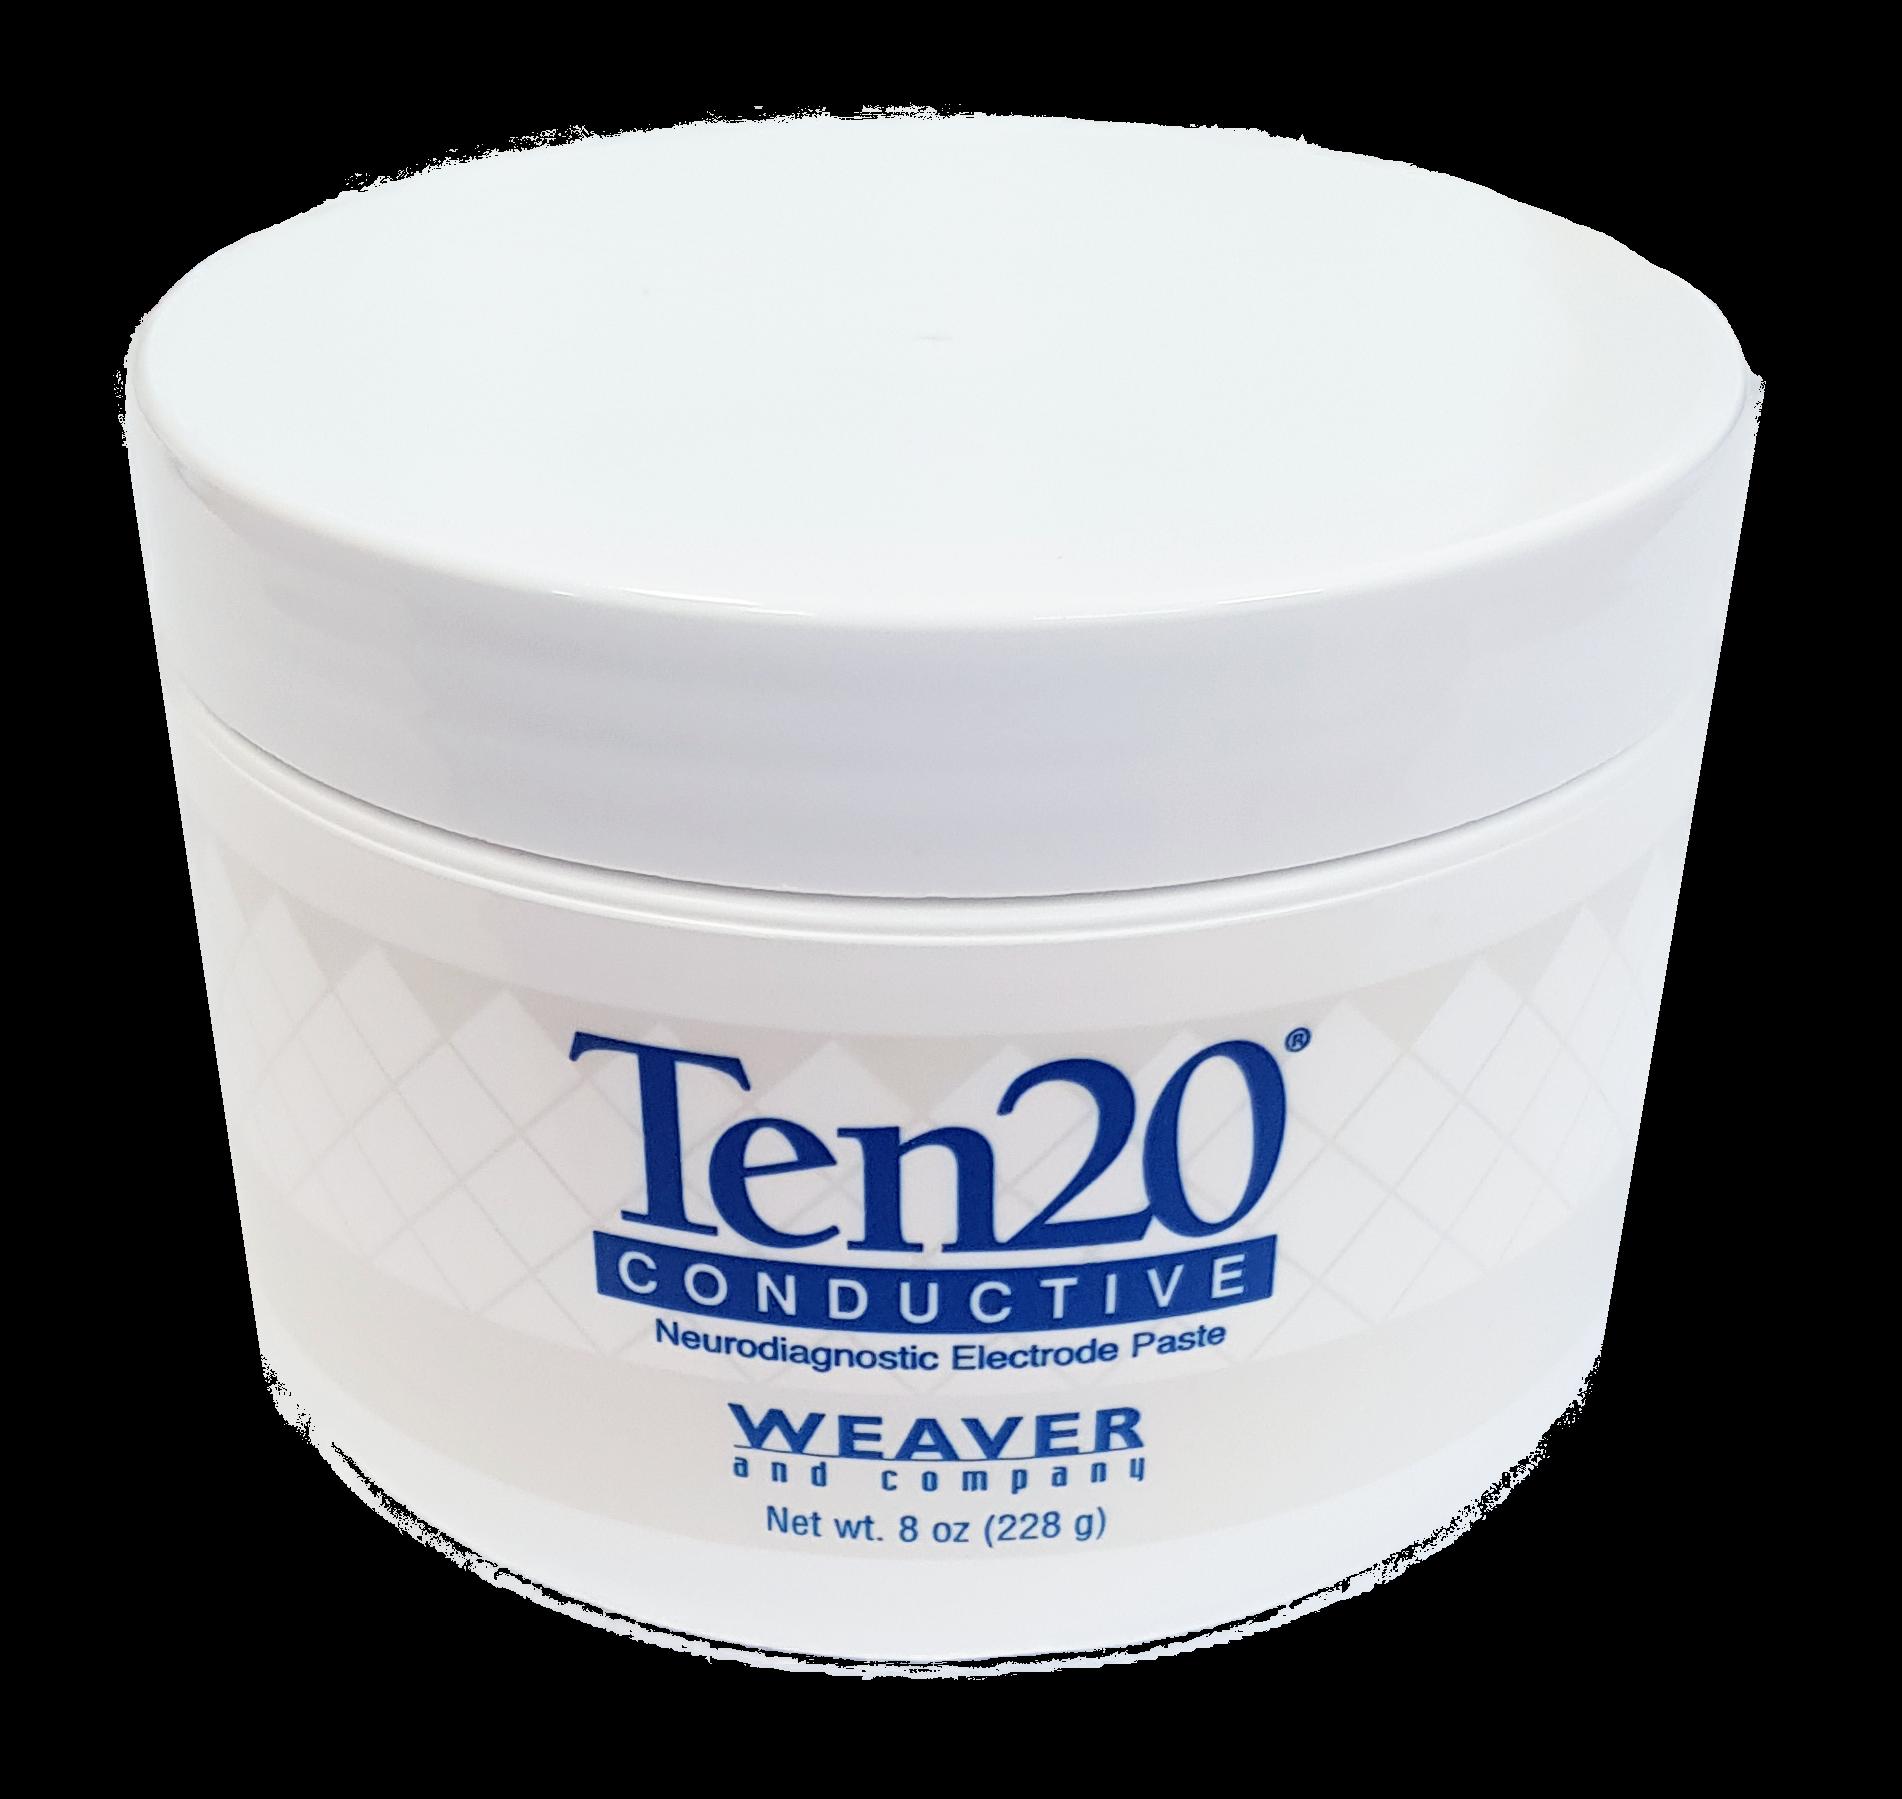 Ten20 – vodivá pasta: 228g (8 oz)